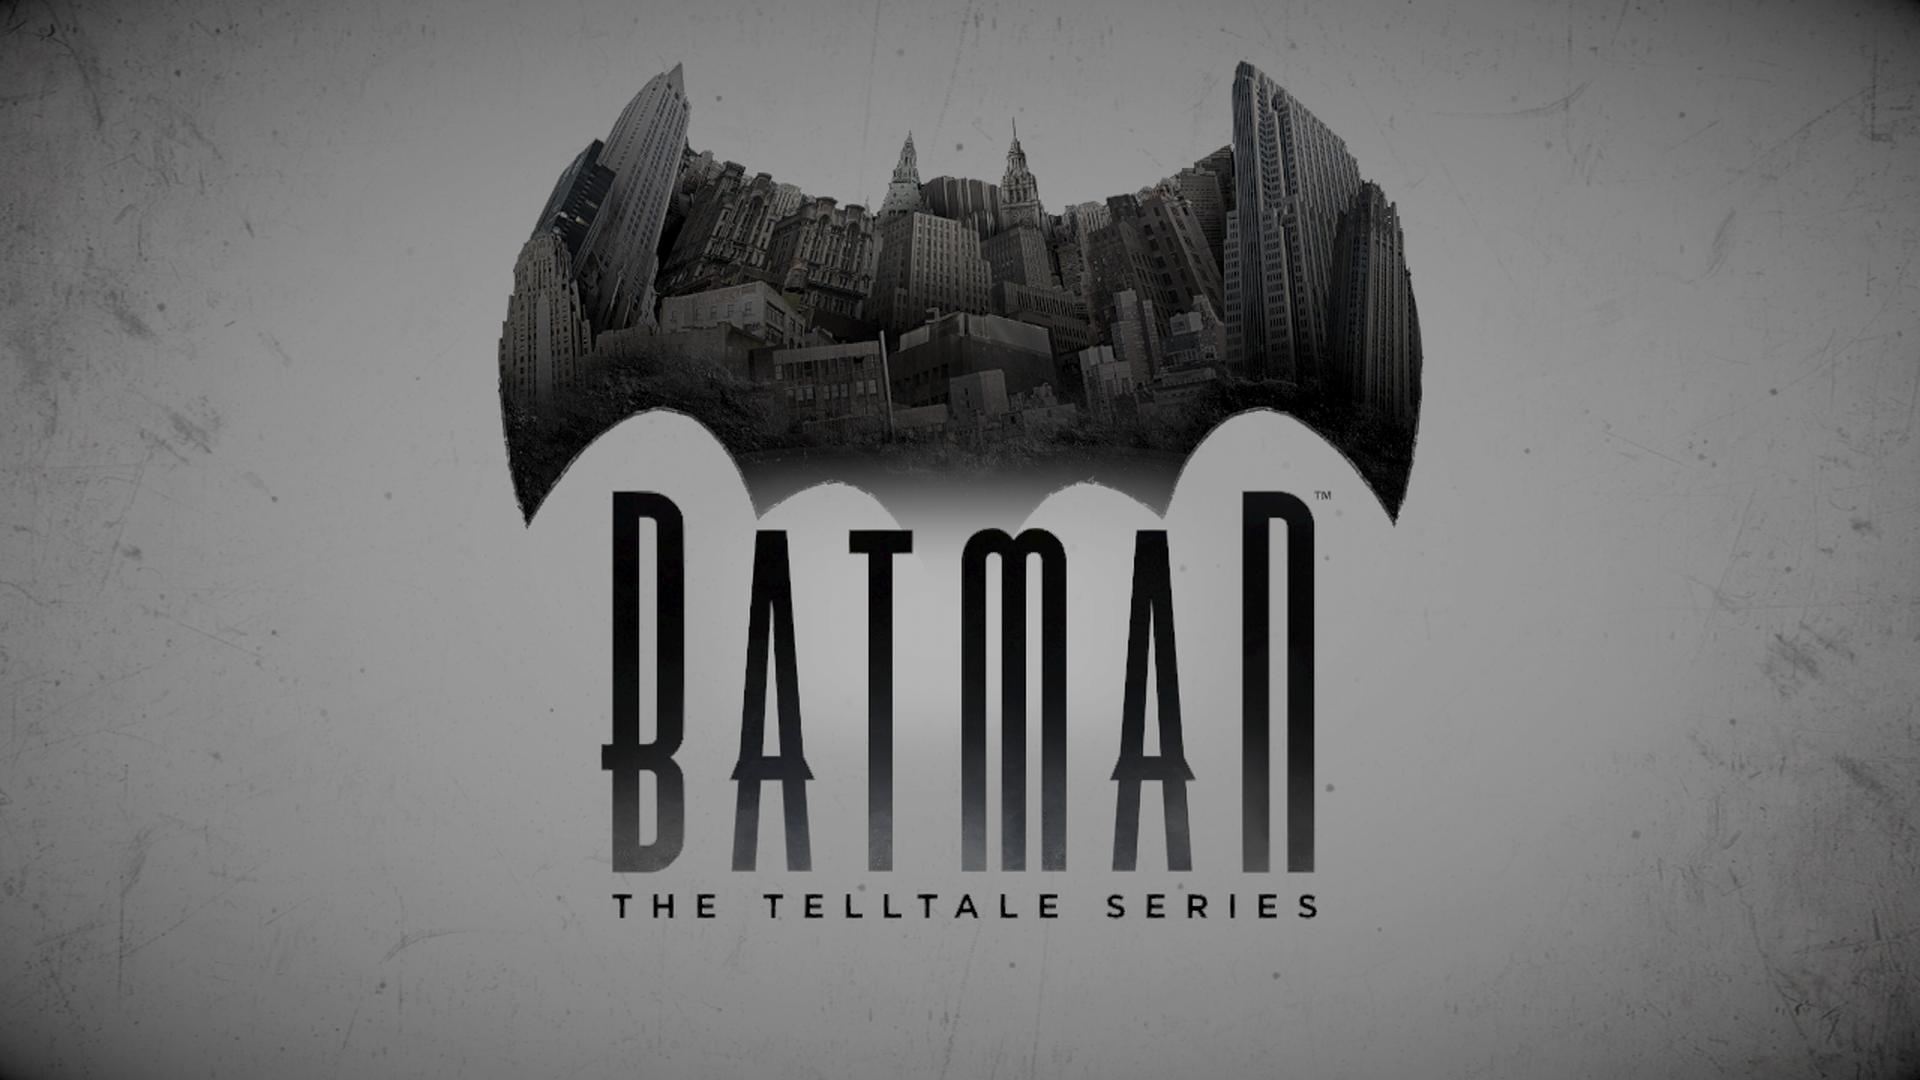 Amazon indica que versão de Batman da Telltale será a primeira temporada completa [Switch]